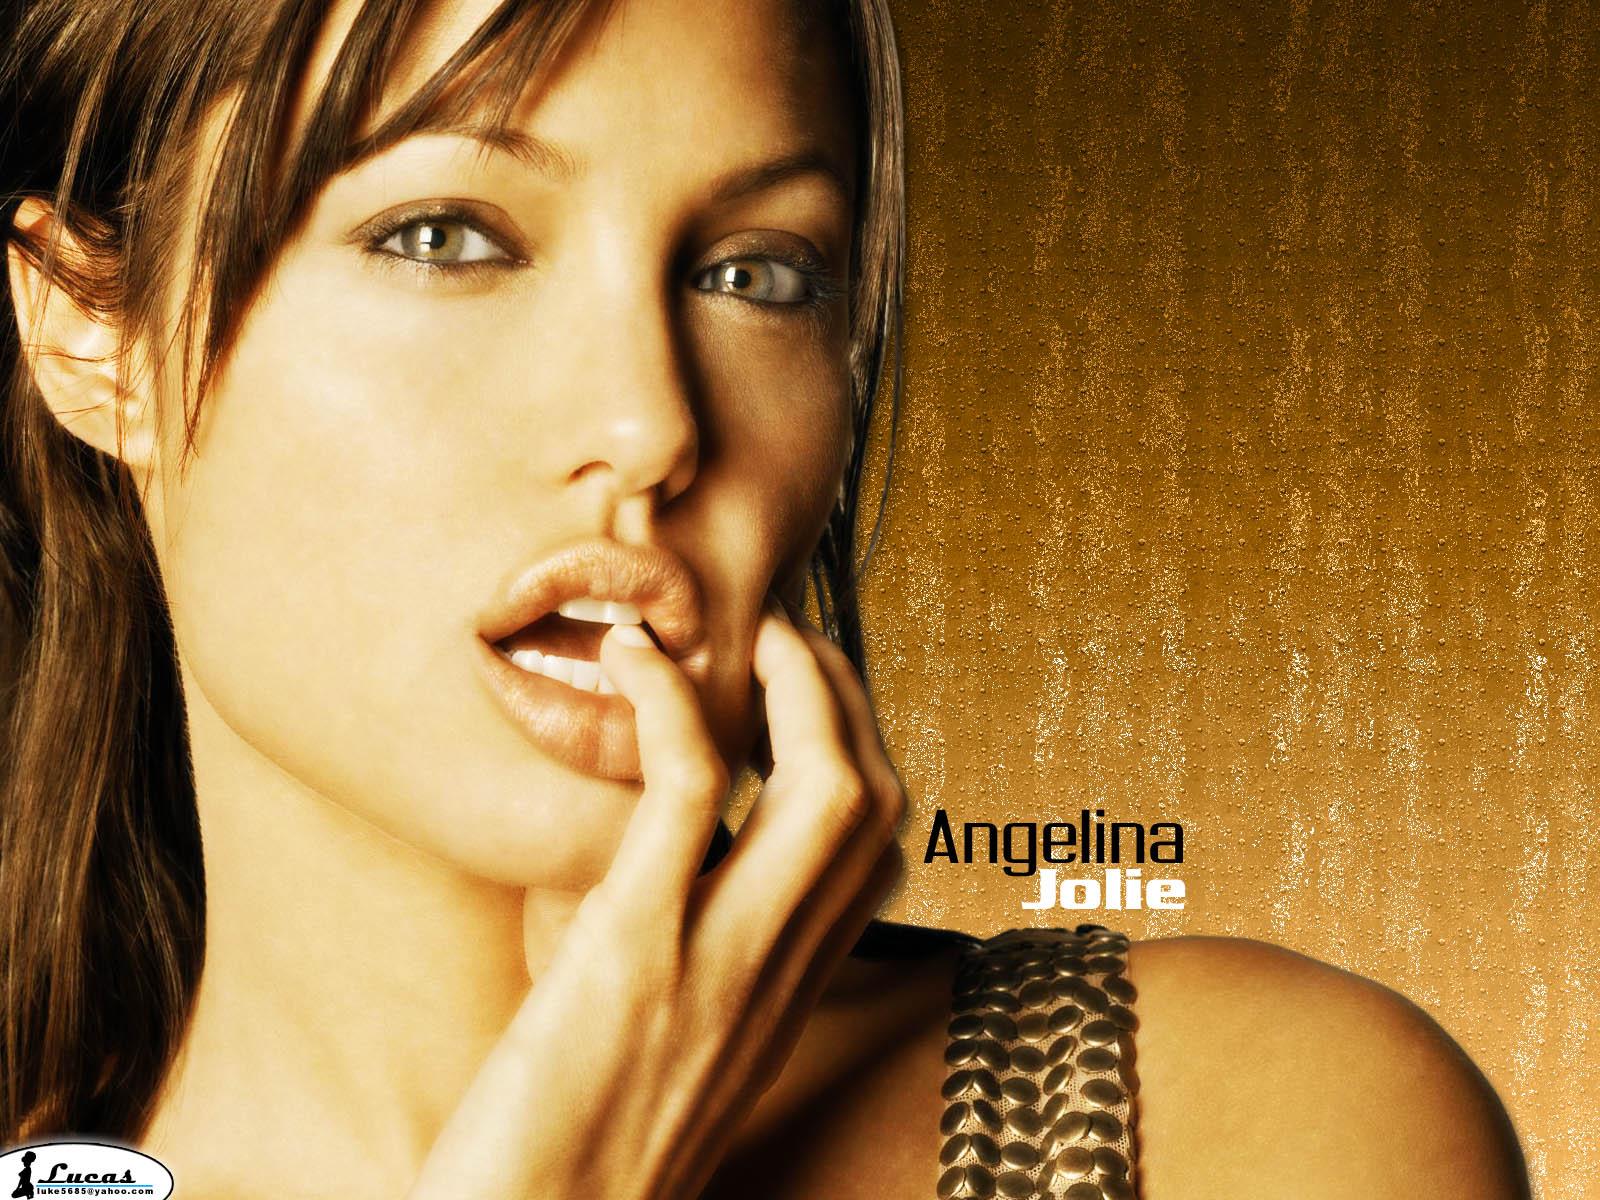 Angelina Jolie Wallpapers HD   Wallpapers for dekstop 1600x1200